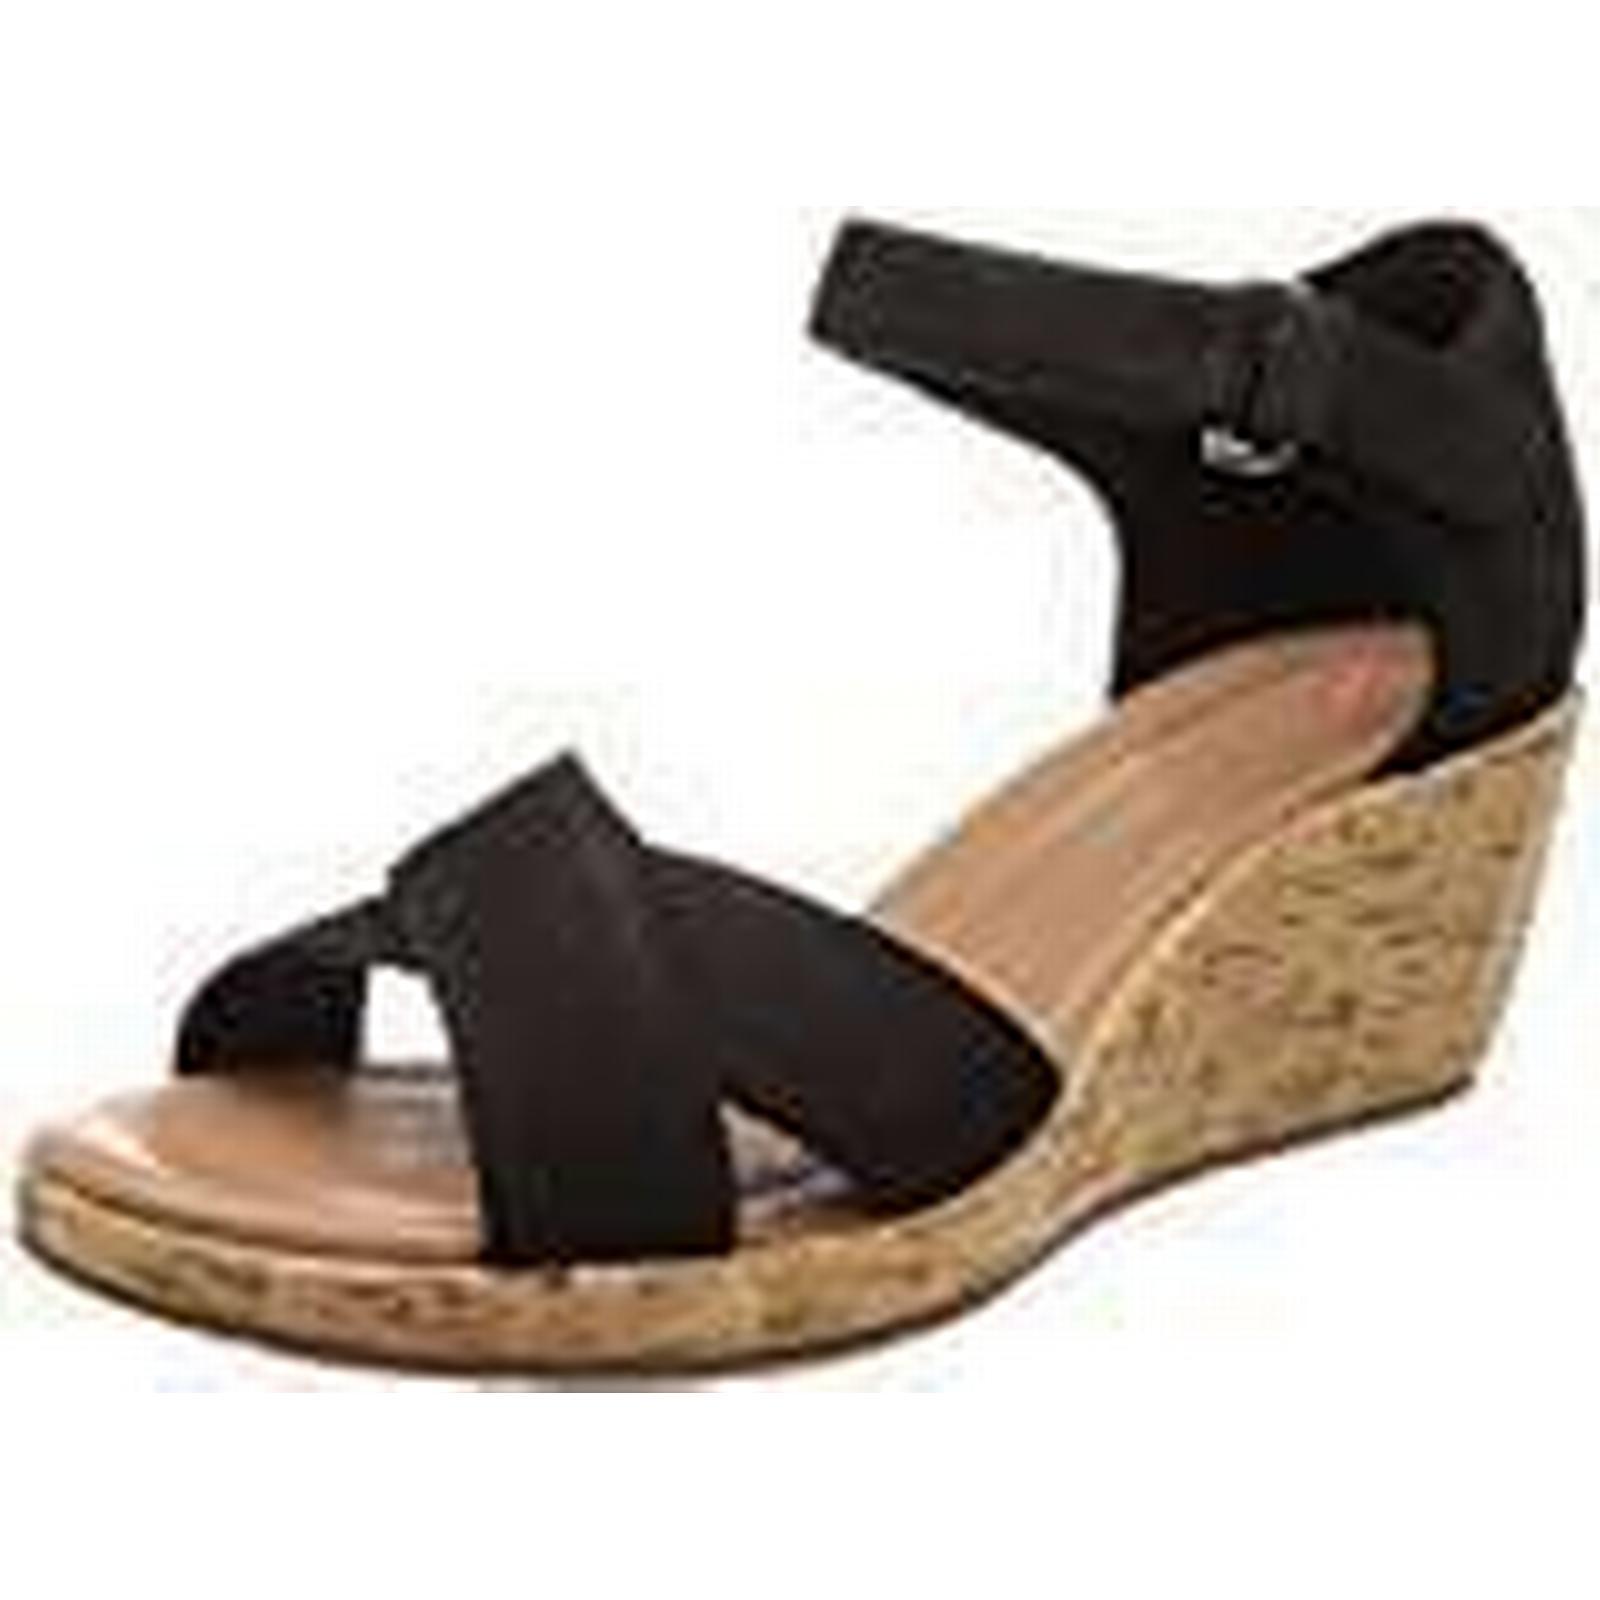 Clarks Women''s Un Sandals, Plaza Cross Ankle Strap Sandals, Un (Black Nubuck), 3.5 UK 0de2b9